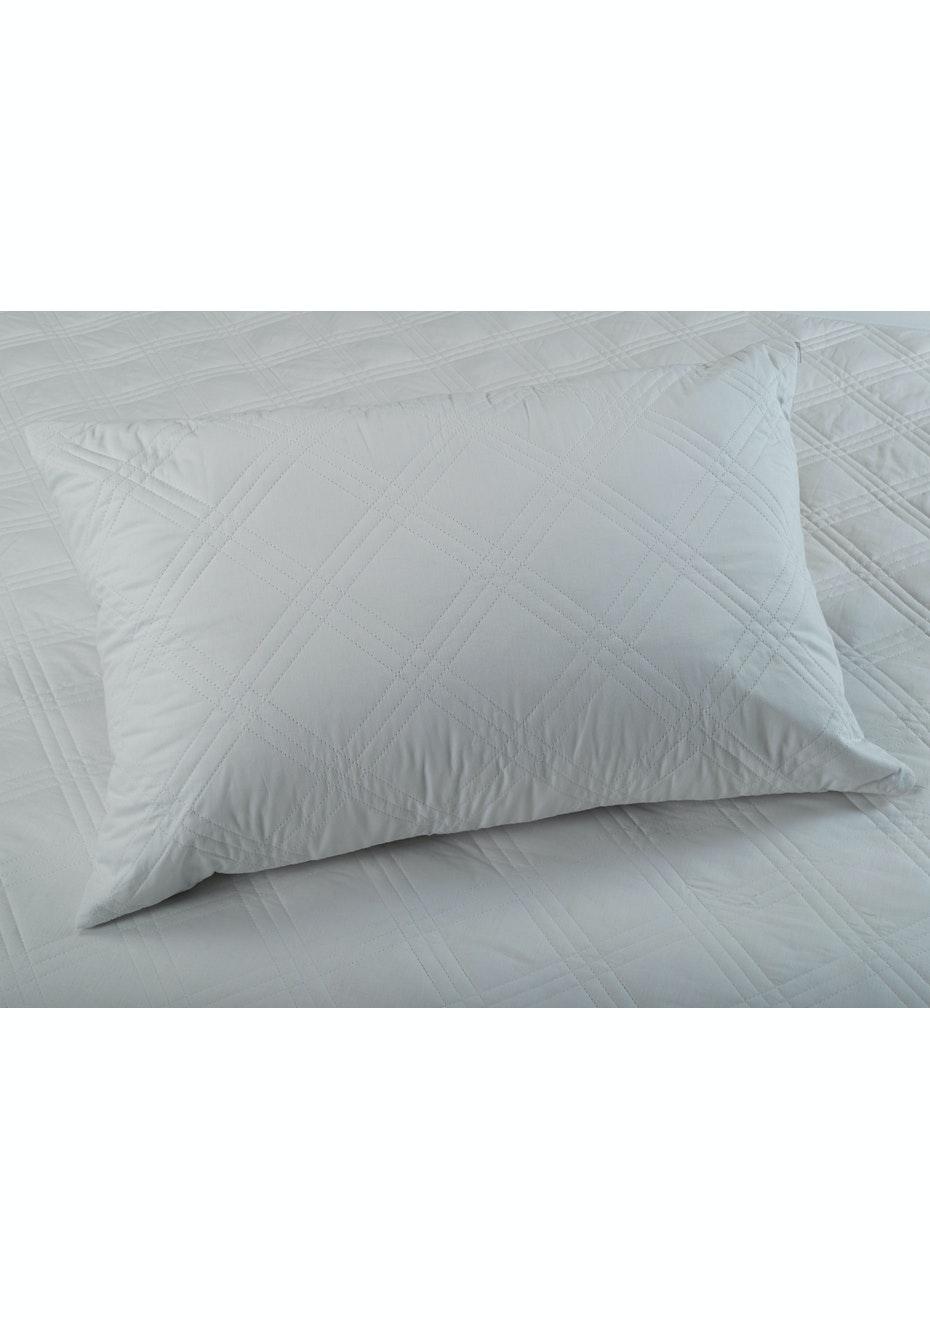 Dimond Cotton Pillow Protector